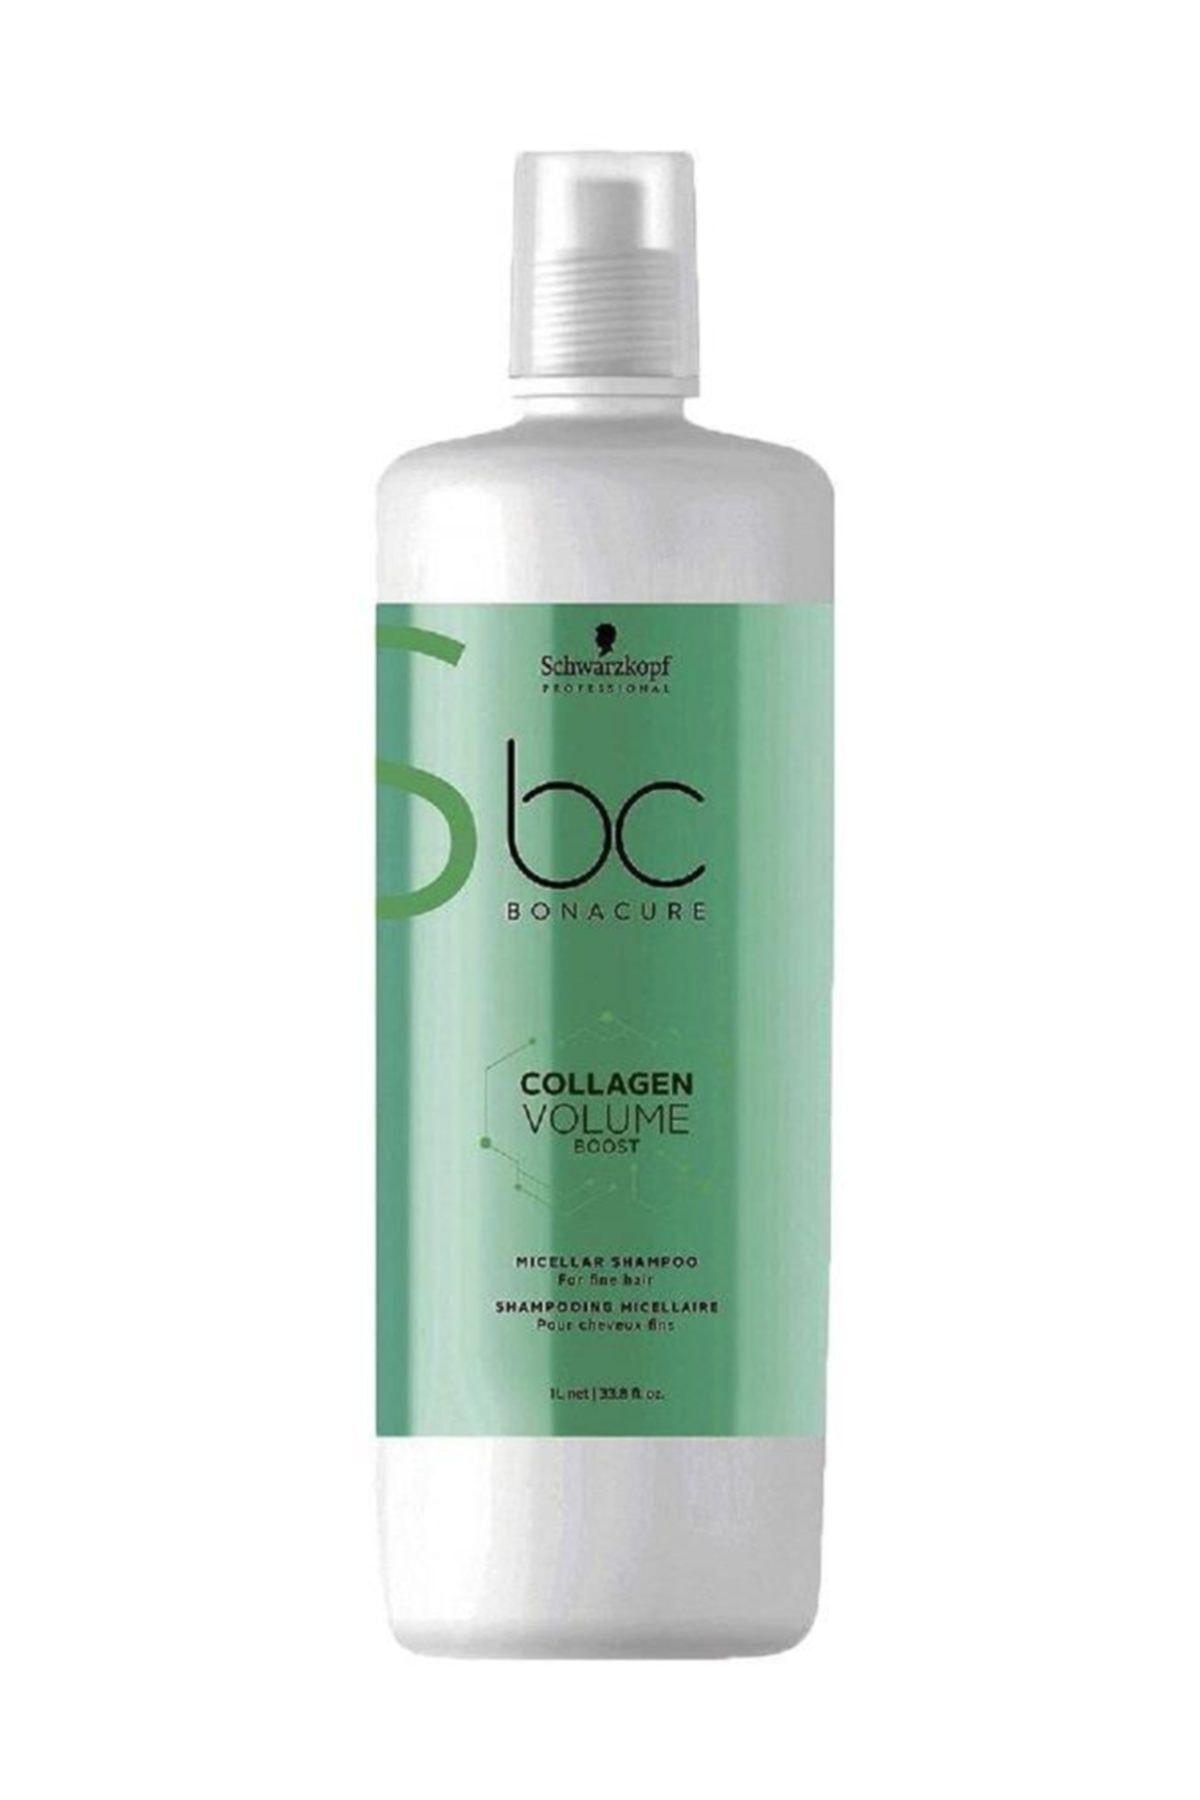 Bonacure Collagen Hacim Şampuanı 1000 ml 4045787426960 1